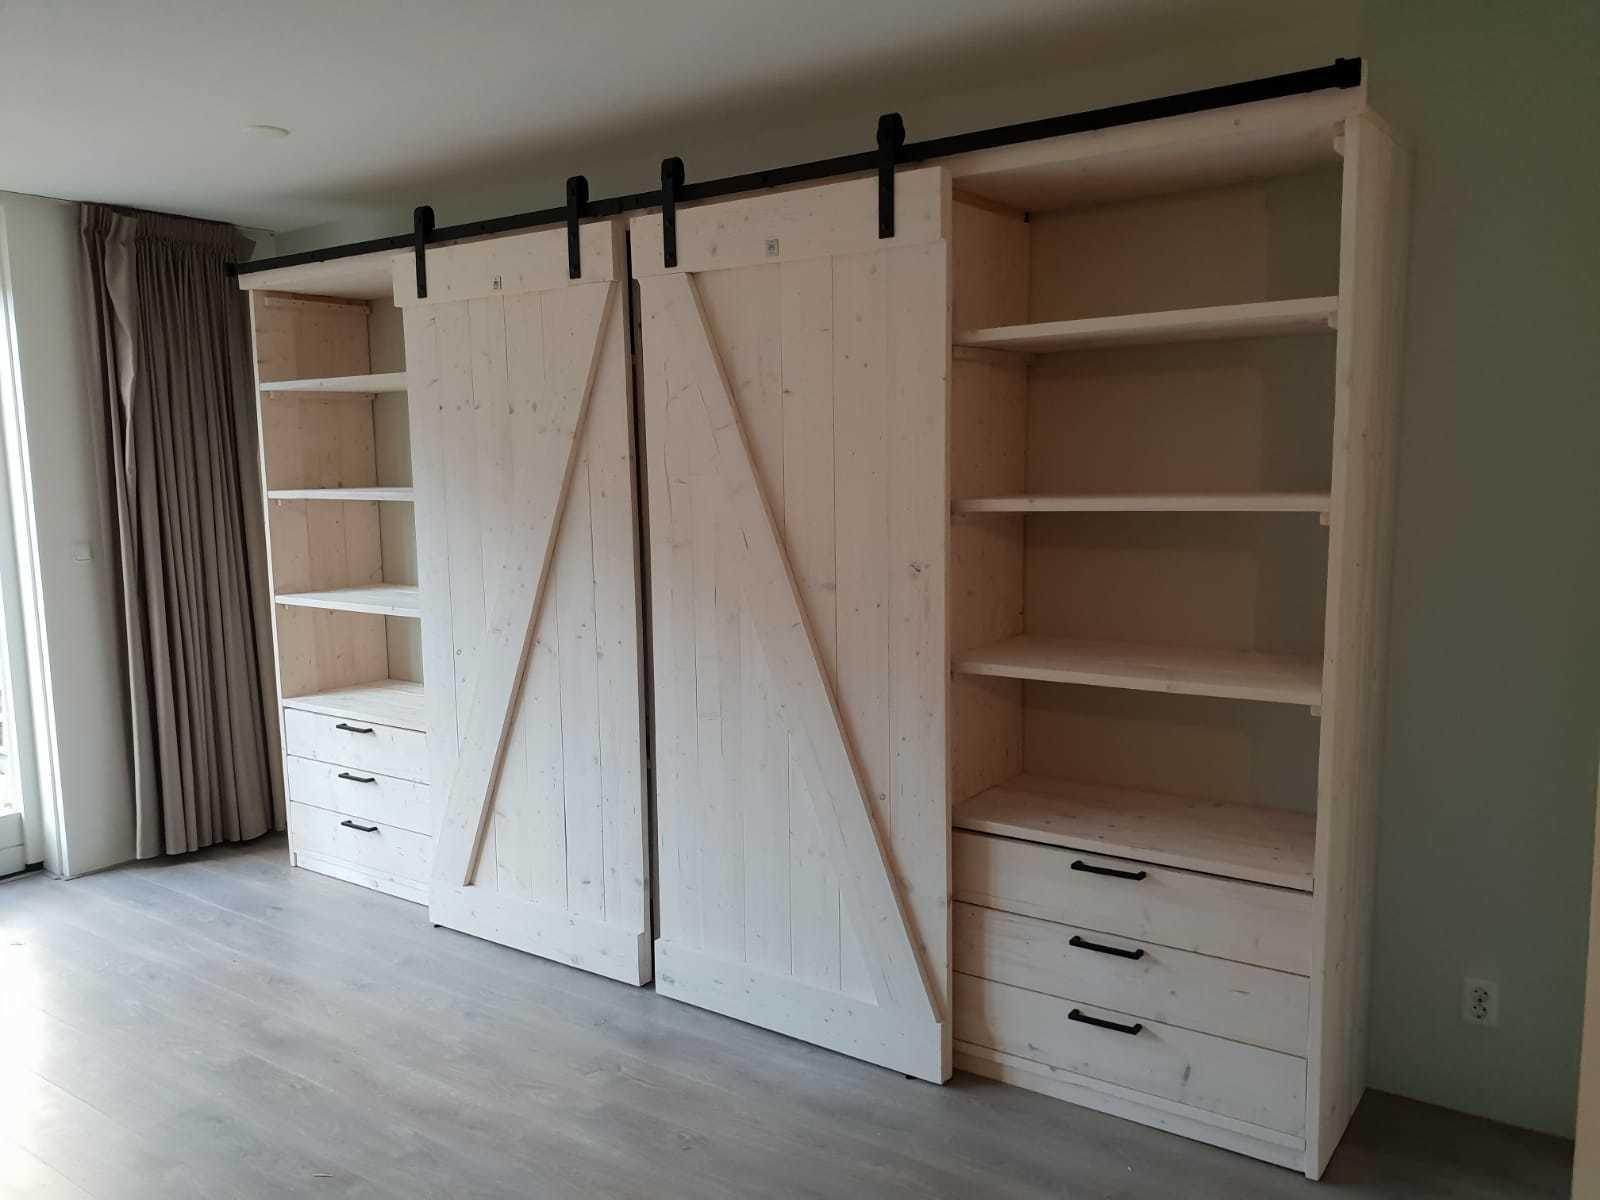 Verwonderend steigerhout en eiken meubels op maat voor bedrijven en particulieren FX-78